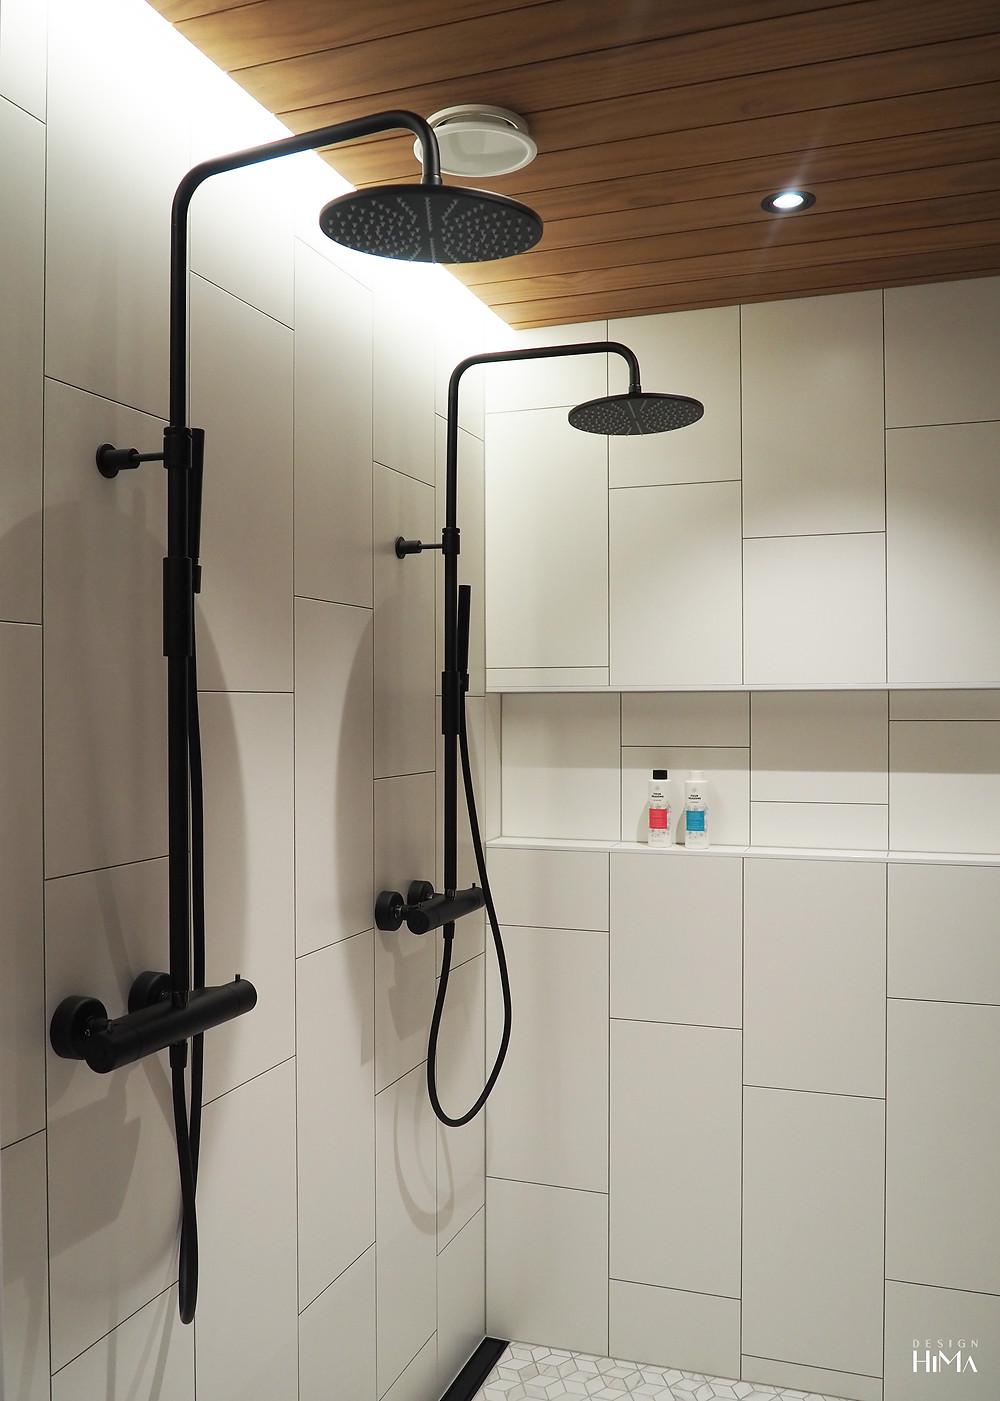 Duplio Aalto kylpyhuone